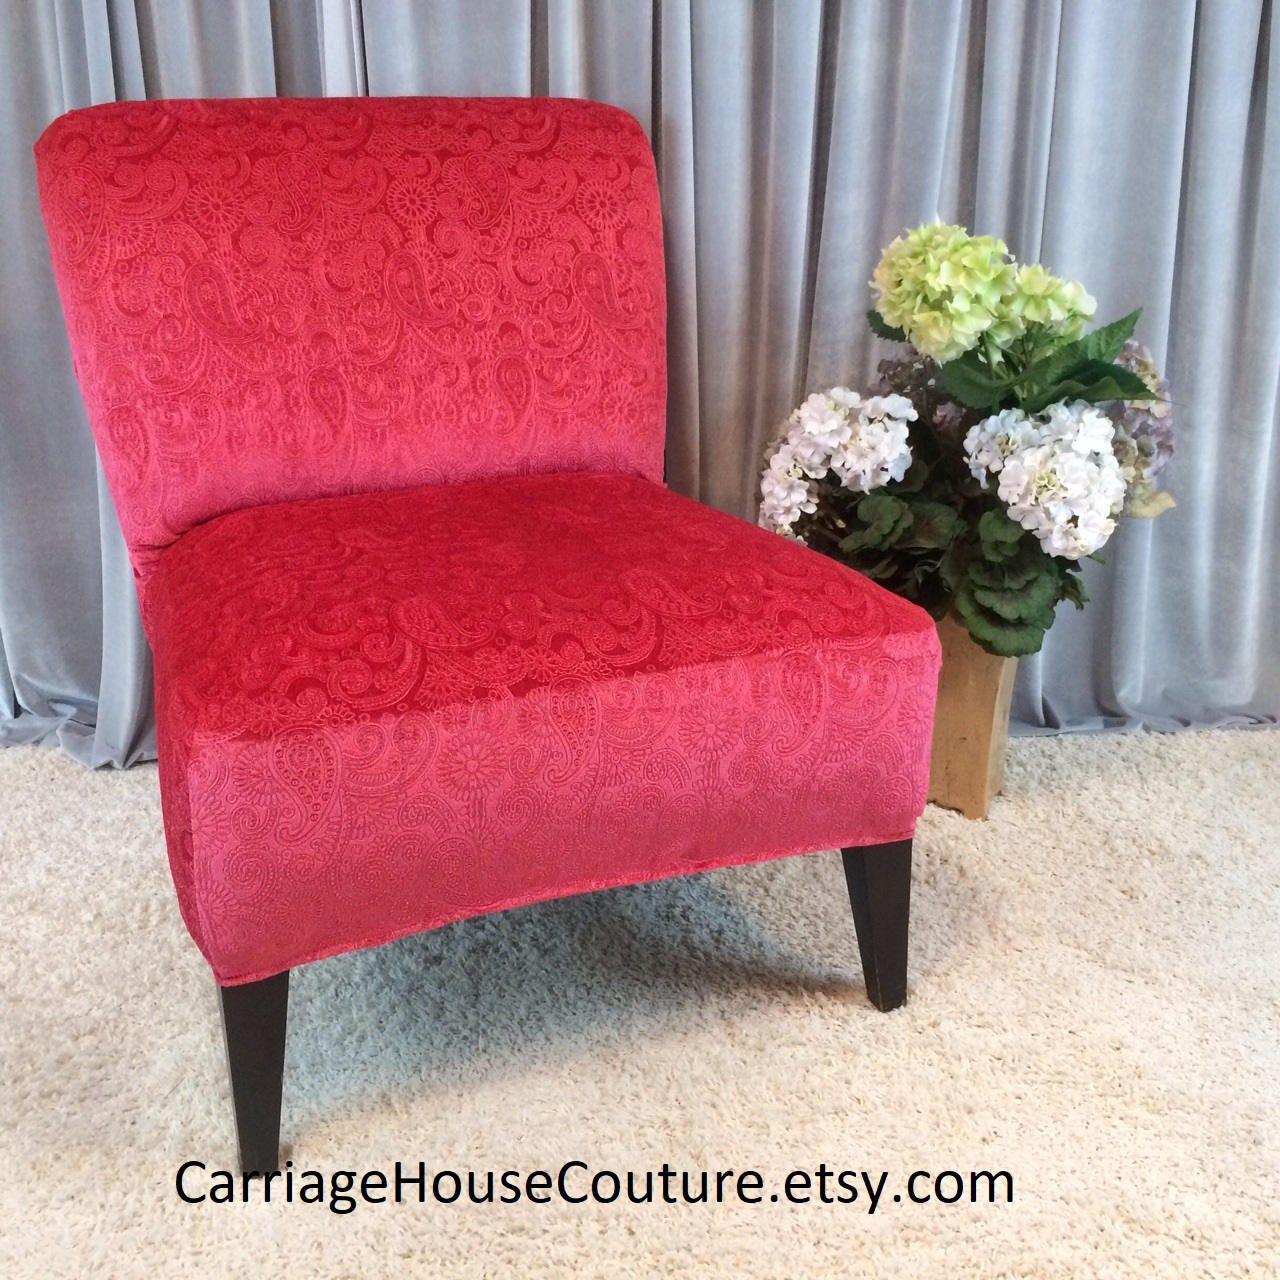 Living Coral Pink Embossed Velvet Slipcover Chair Cover